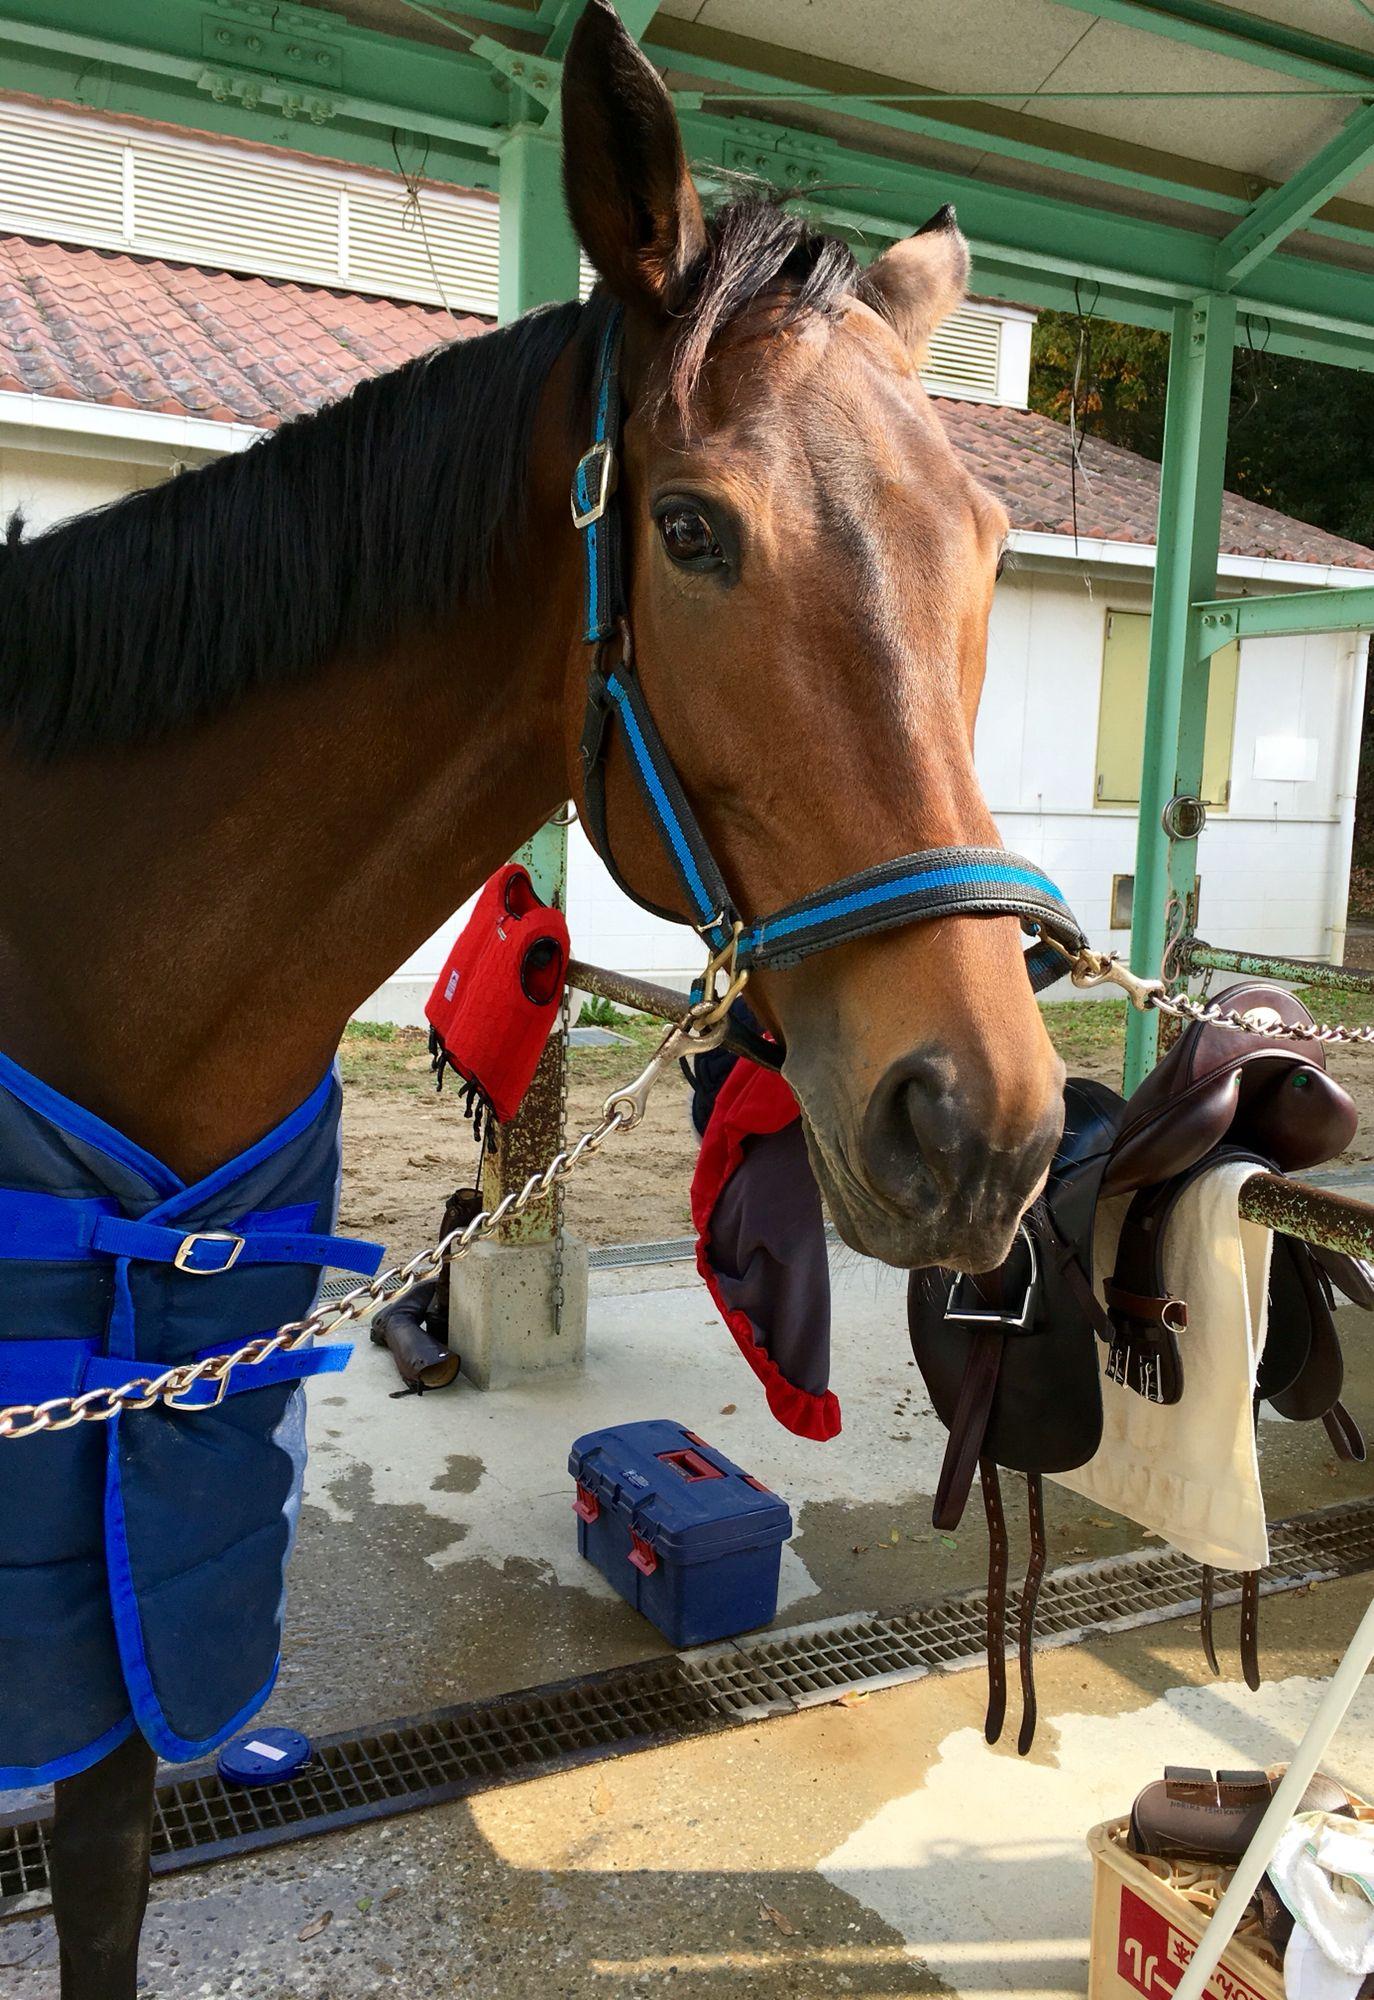 La fluer dalle 11:00 al 4 dicembre 2015 per il corso Trotto con istruttrice Kashihara ed altri 6 cavalli; Anderico, Bambina, Regina, Pocky, Ramses…